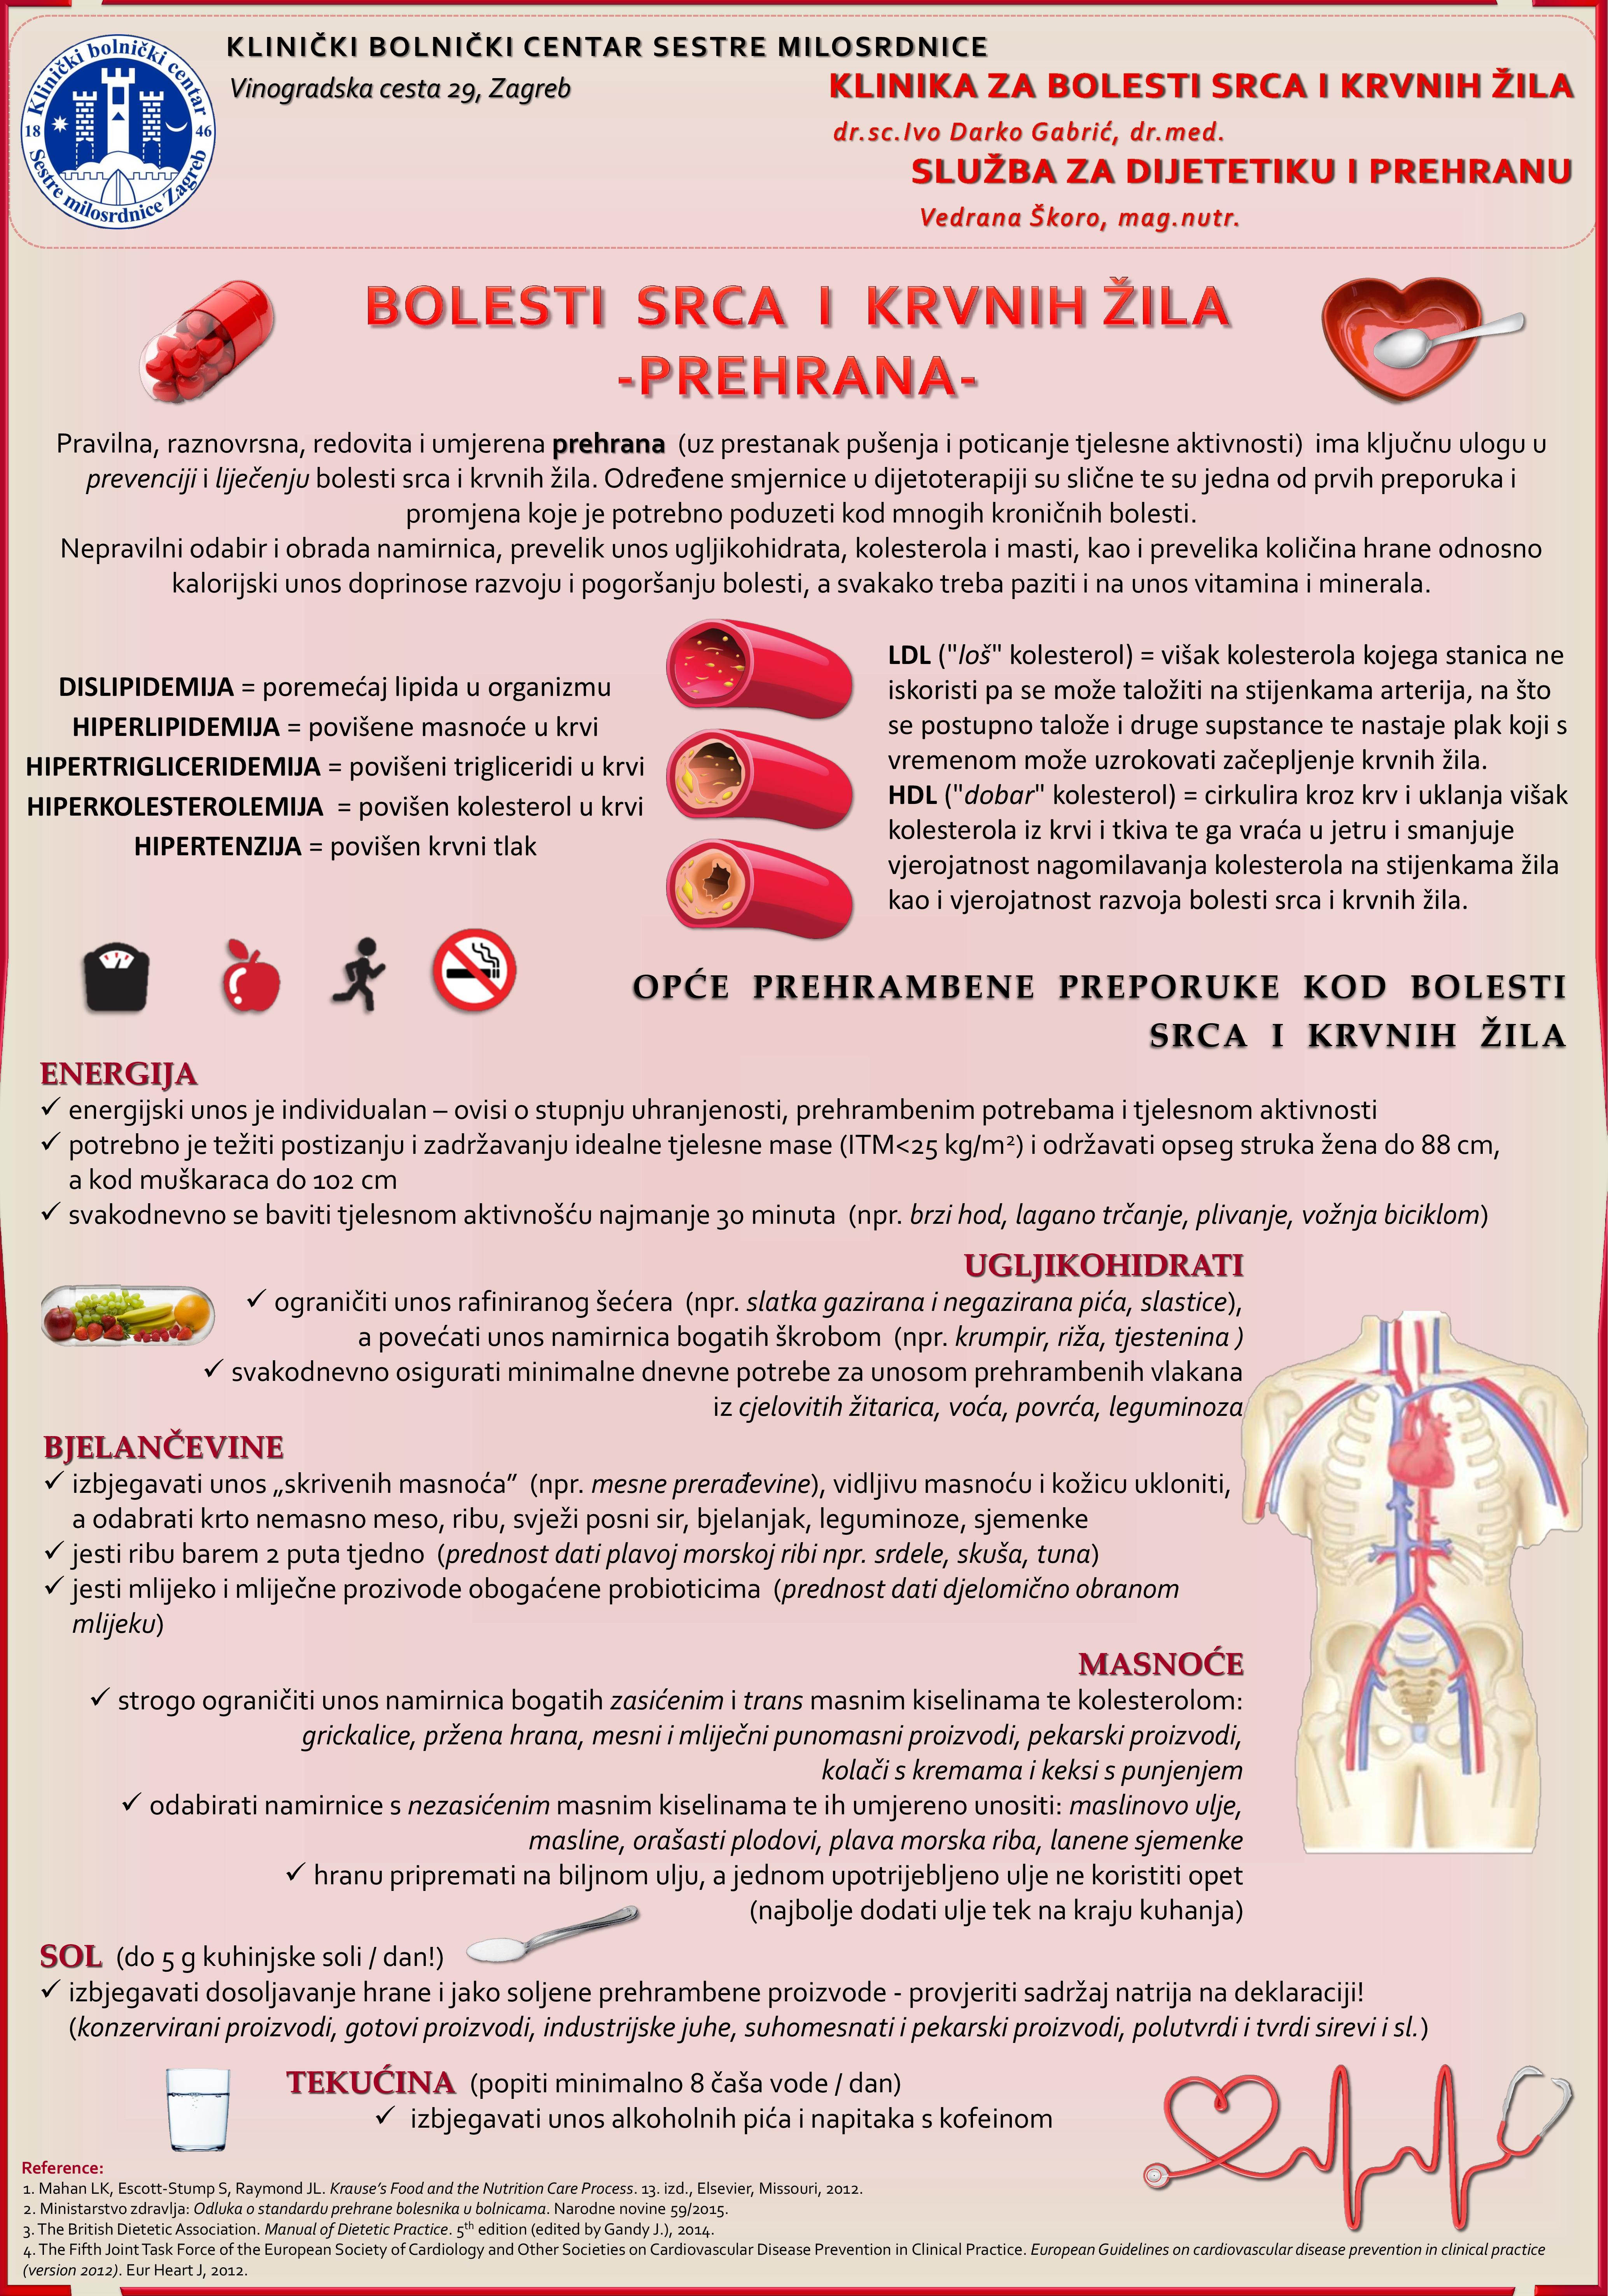 dijeta hipertenzija i koronarna bolest srca